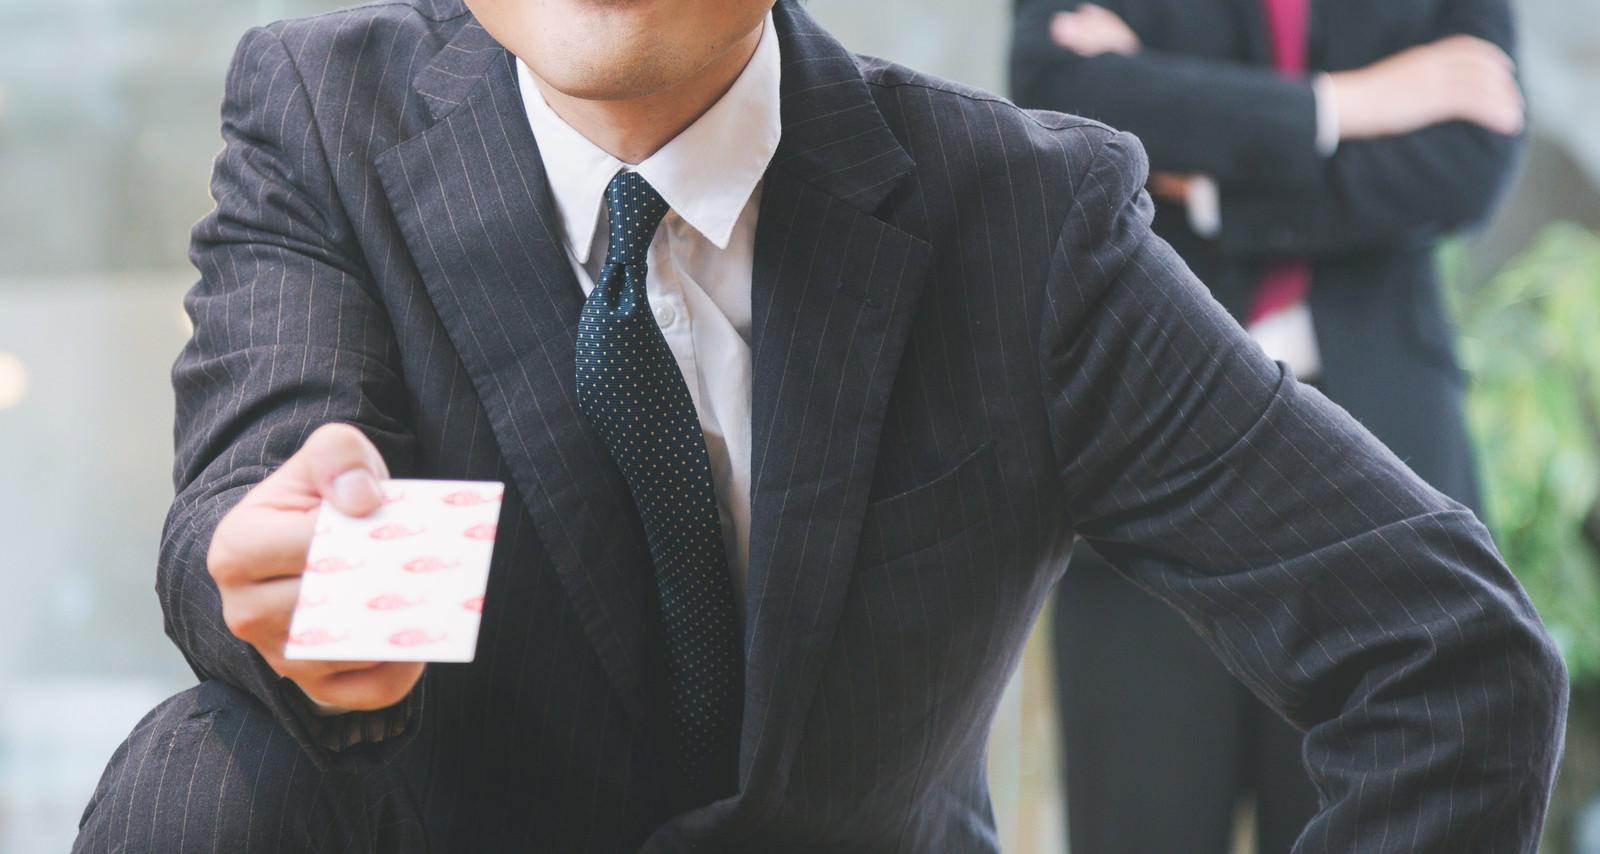 「取引先の子供にお年玉をあげました。経費として認められますか?」の写真